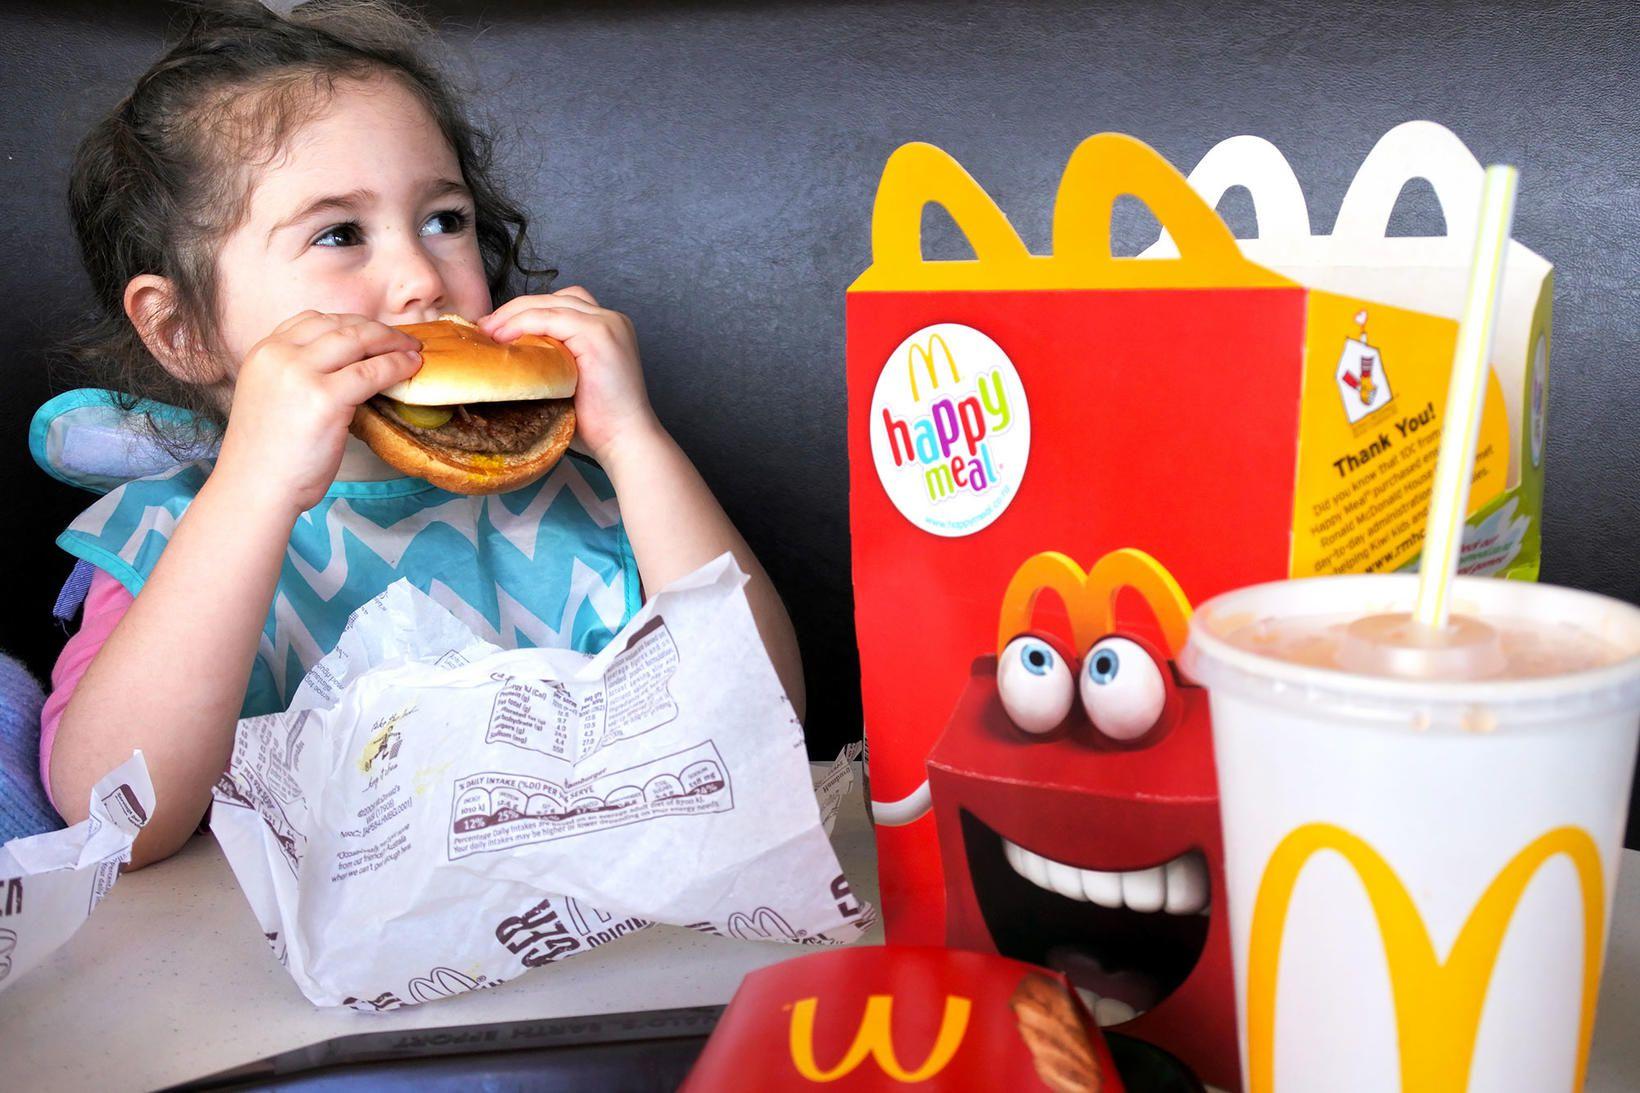 Engin plastleikföng verða í barnaboxum skyndibitakeðjunnar McDonald's í nánustu framtíð.